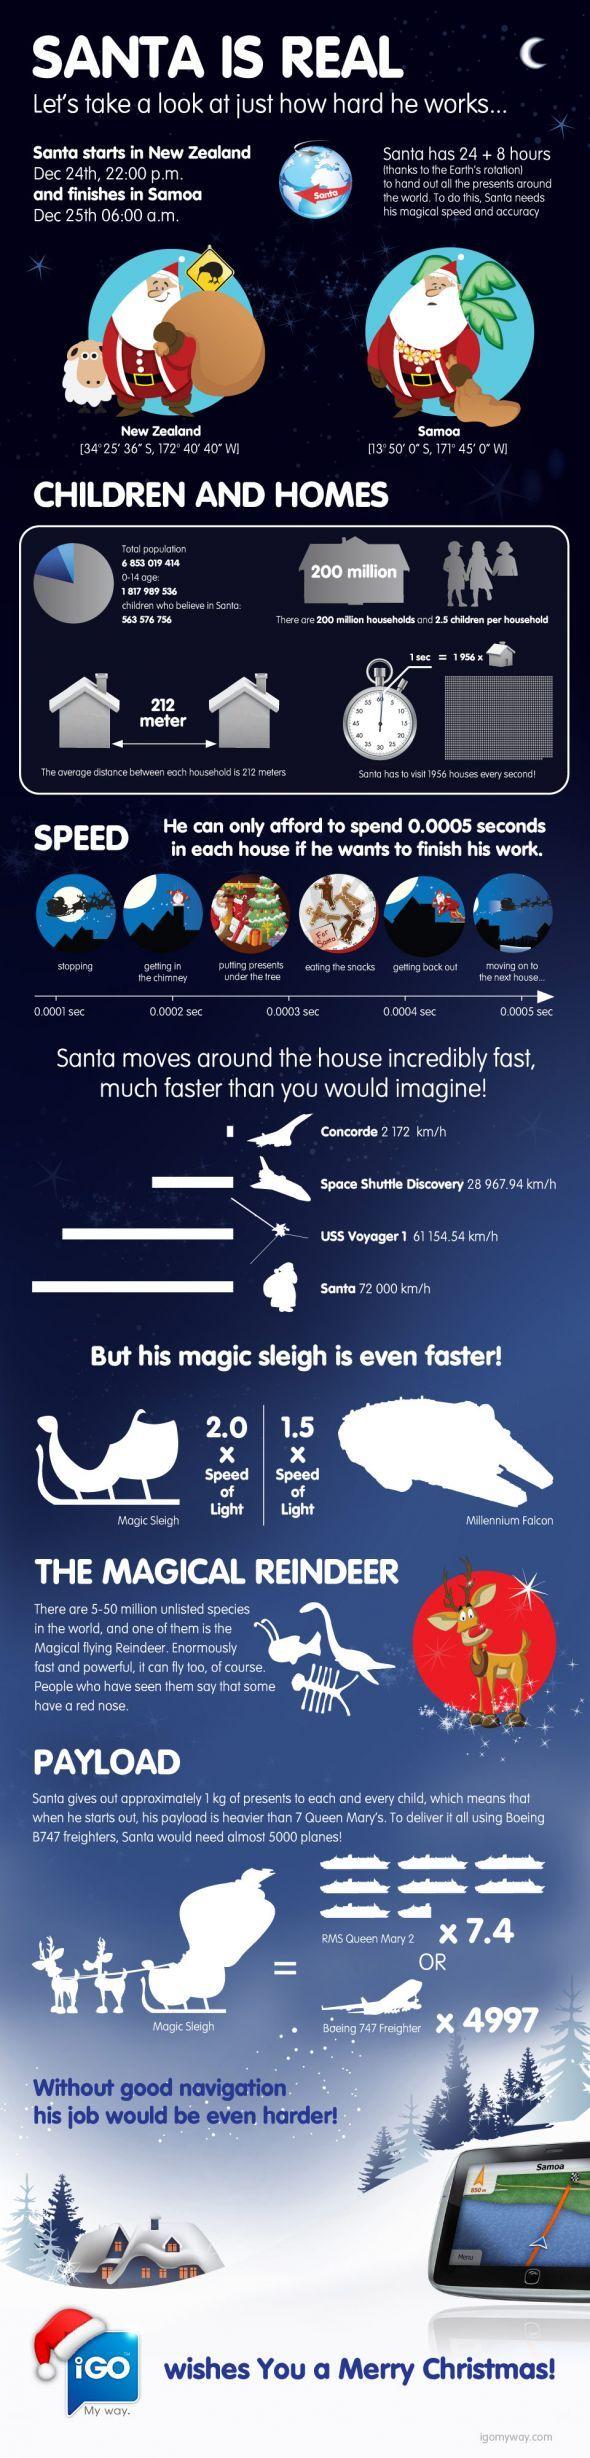 Santa is real | #santa #xmas #reindeers #christmas #fun #facts #information #design < repinned by www.BlickeDeeler.de